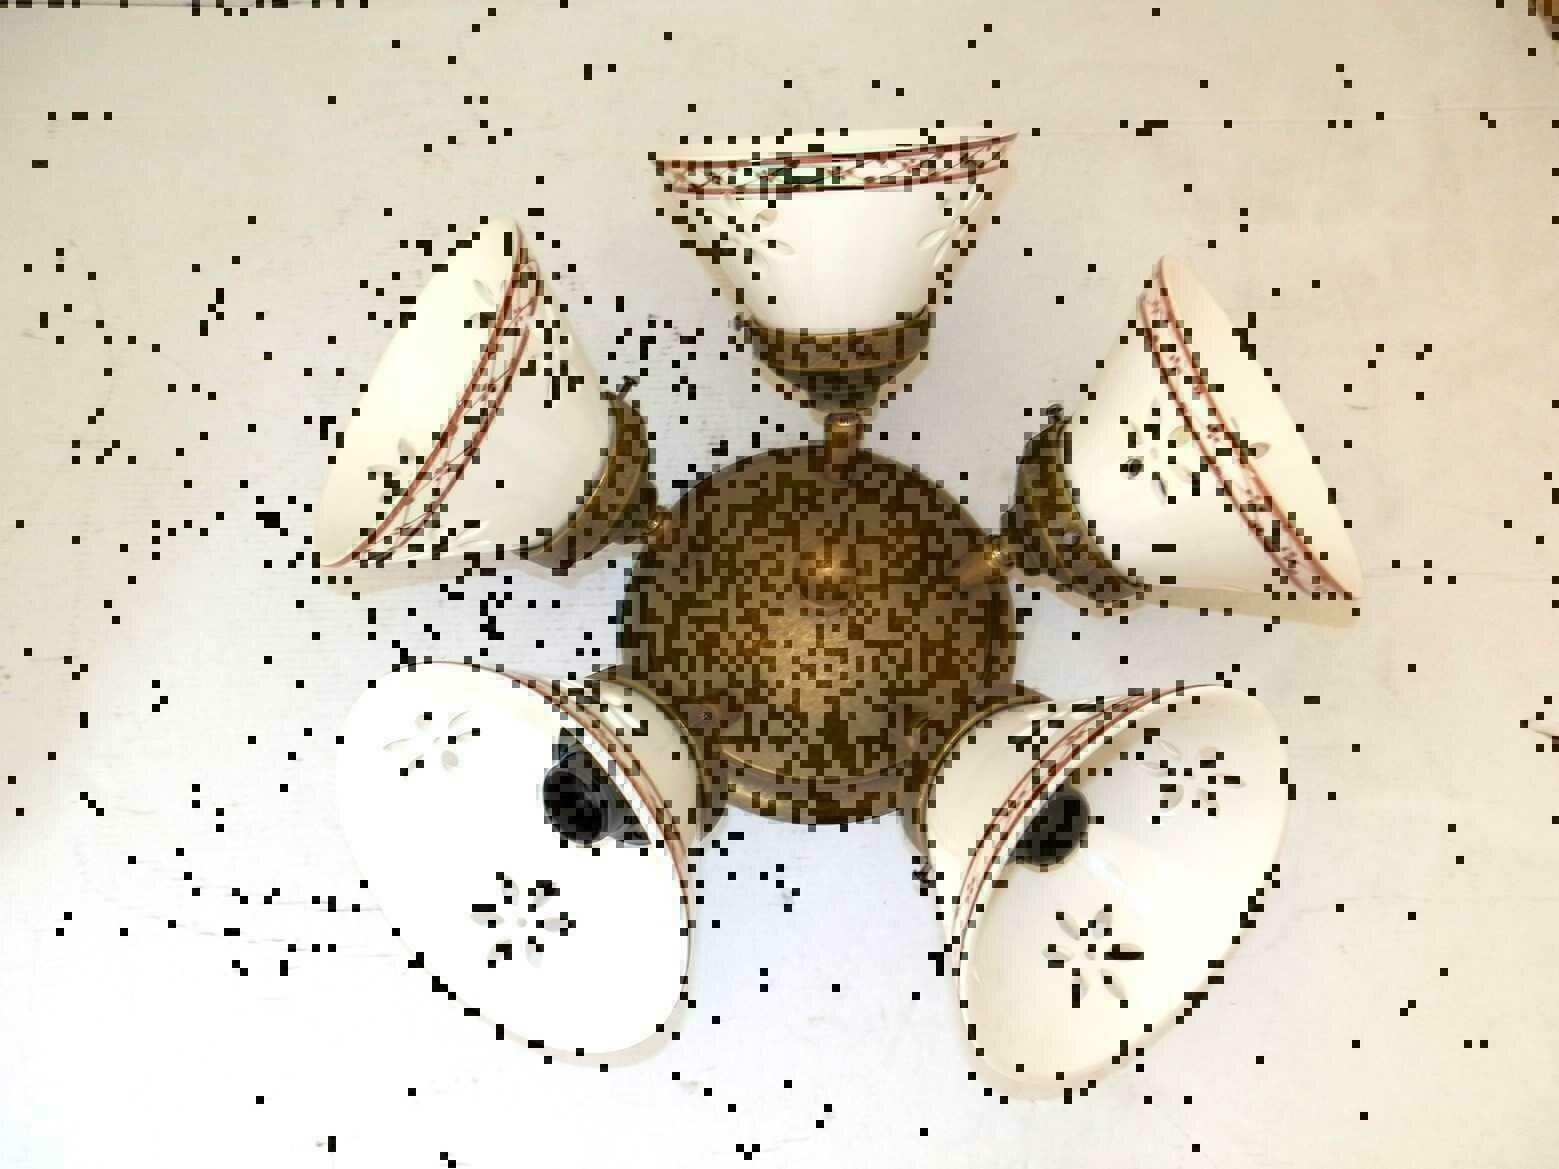 Plafoniere Ottone Stile Nautico : Applique lampada plafoniera ottone casa arredo luci con ceramica